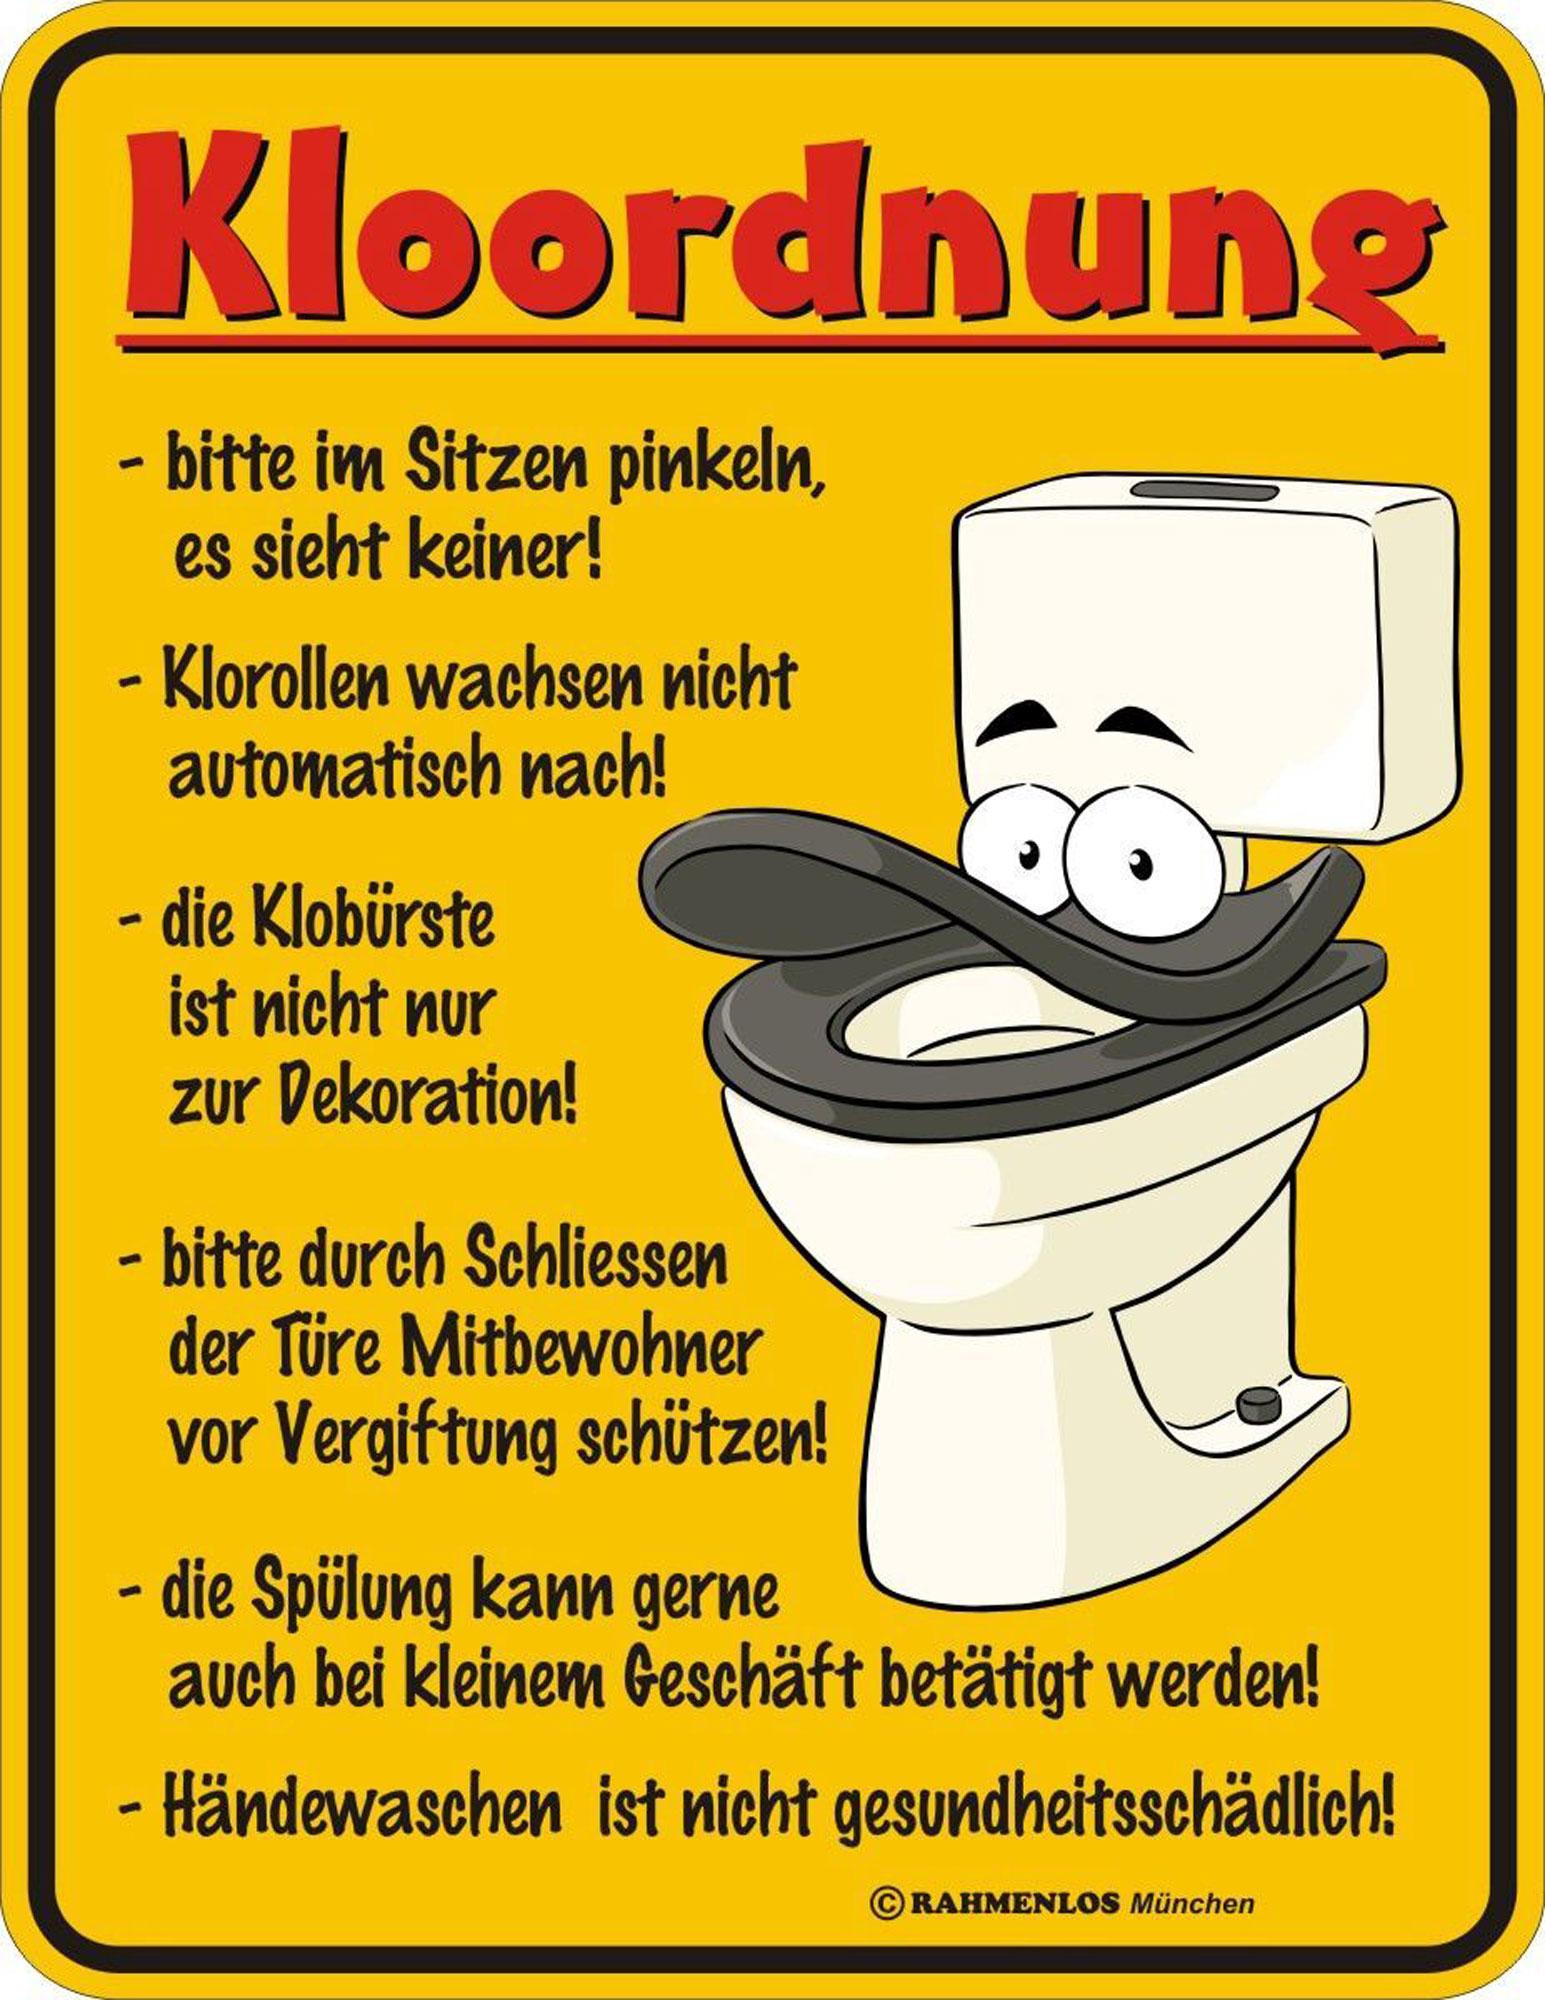 Bad spr che kloordnung magnete 7x9 - Badezimmer comic ...